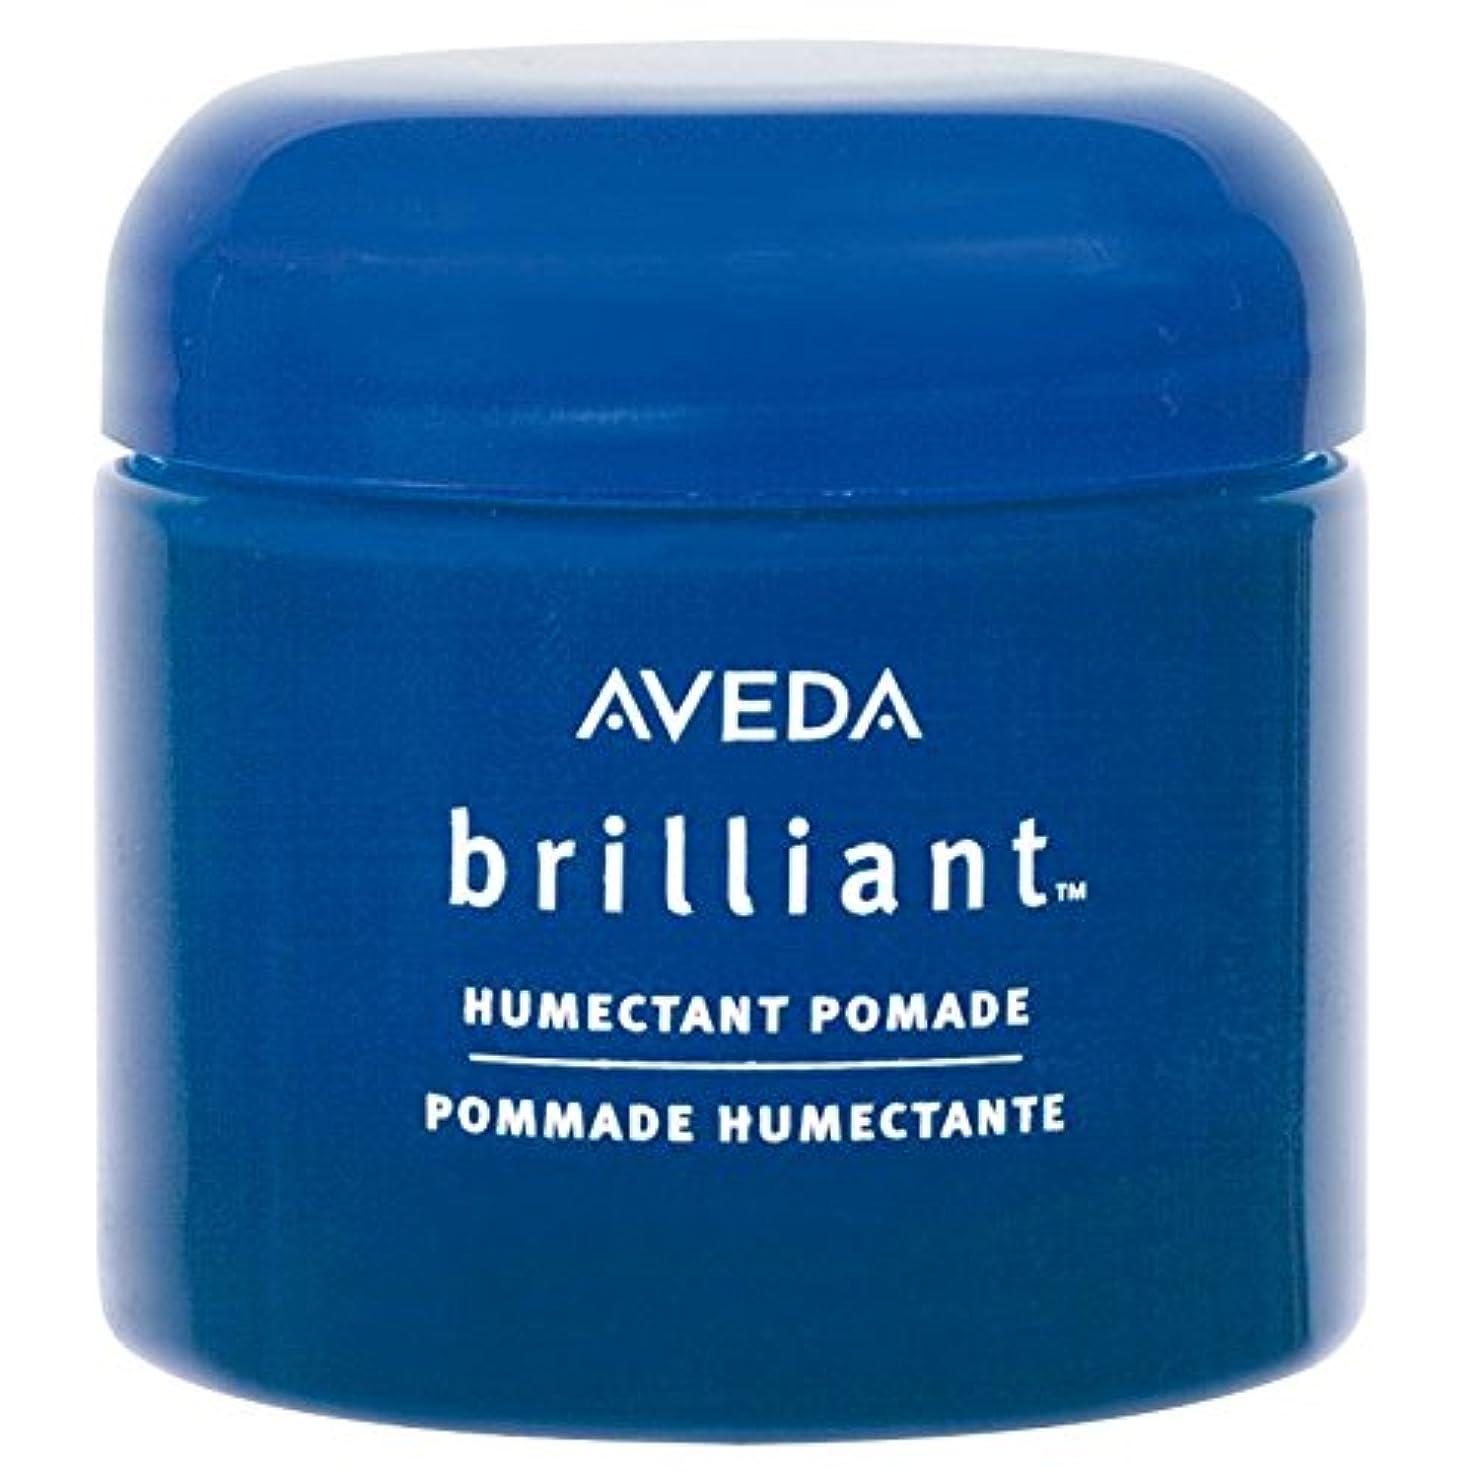 プロトタイプフラグラントカポック[AVEDA] アヴェダ華麗な保湿剤のポマードの75ミリリットル - Aveda Brilliant Humectant Pomade 75ml [並行輸入品]